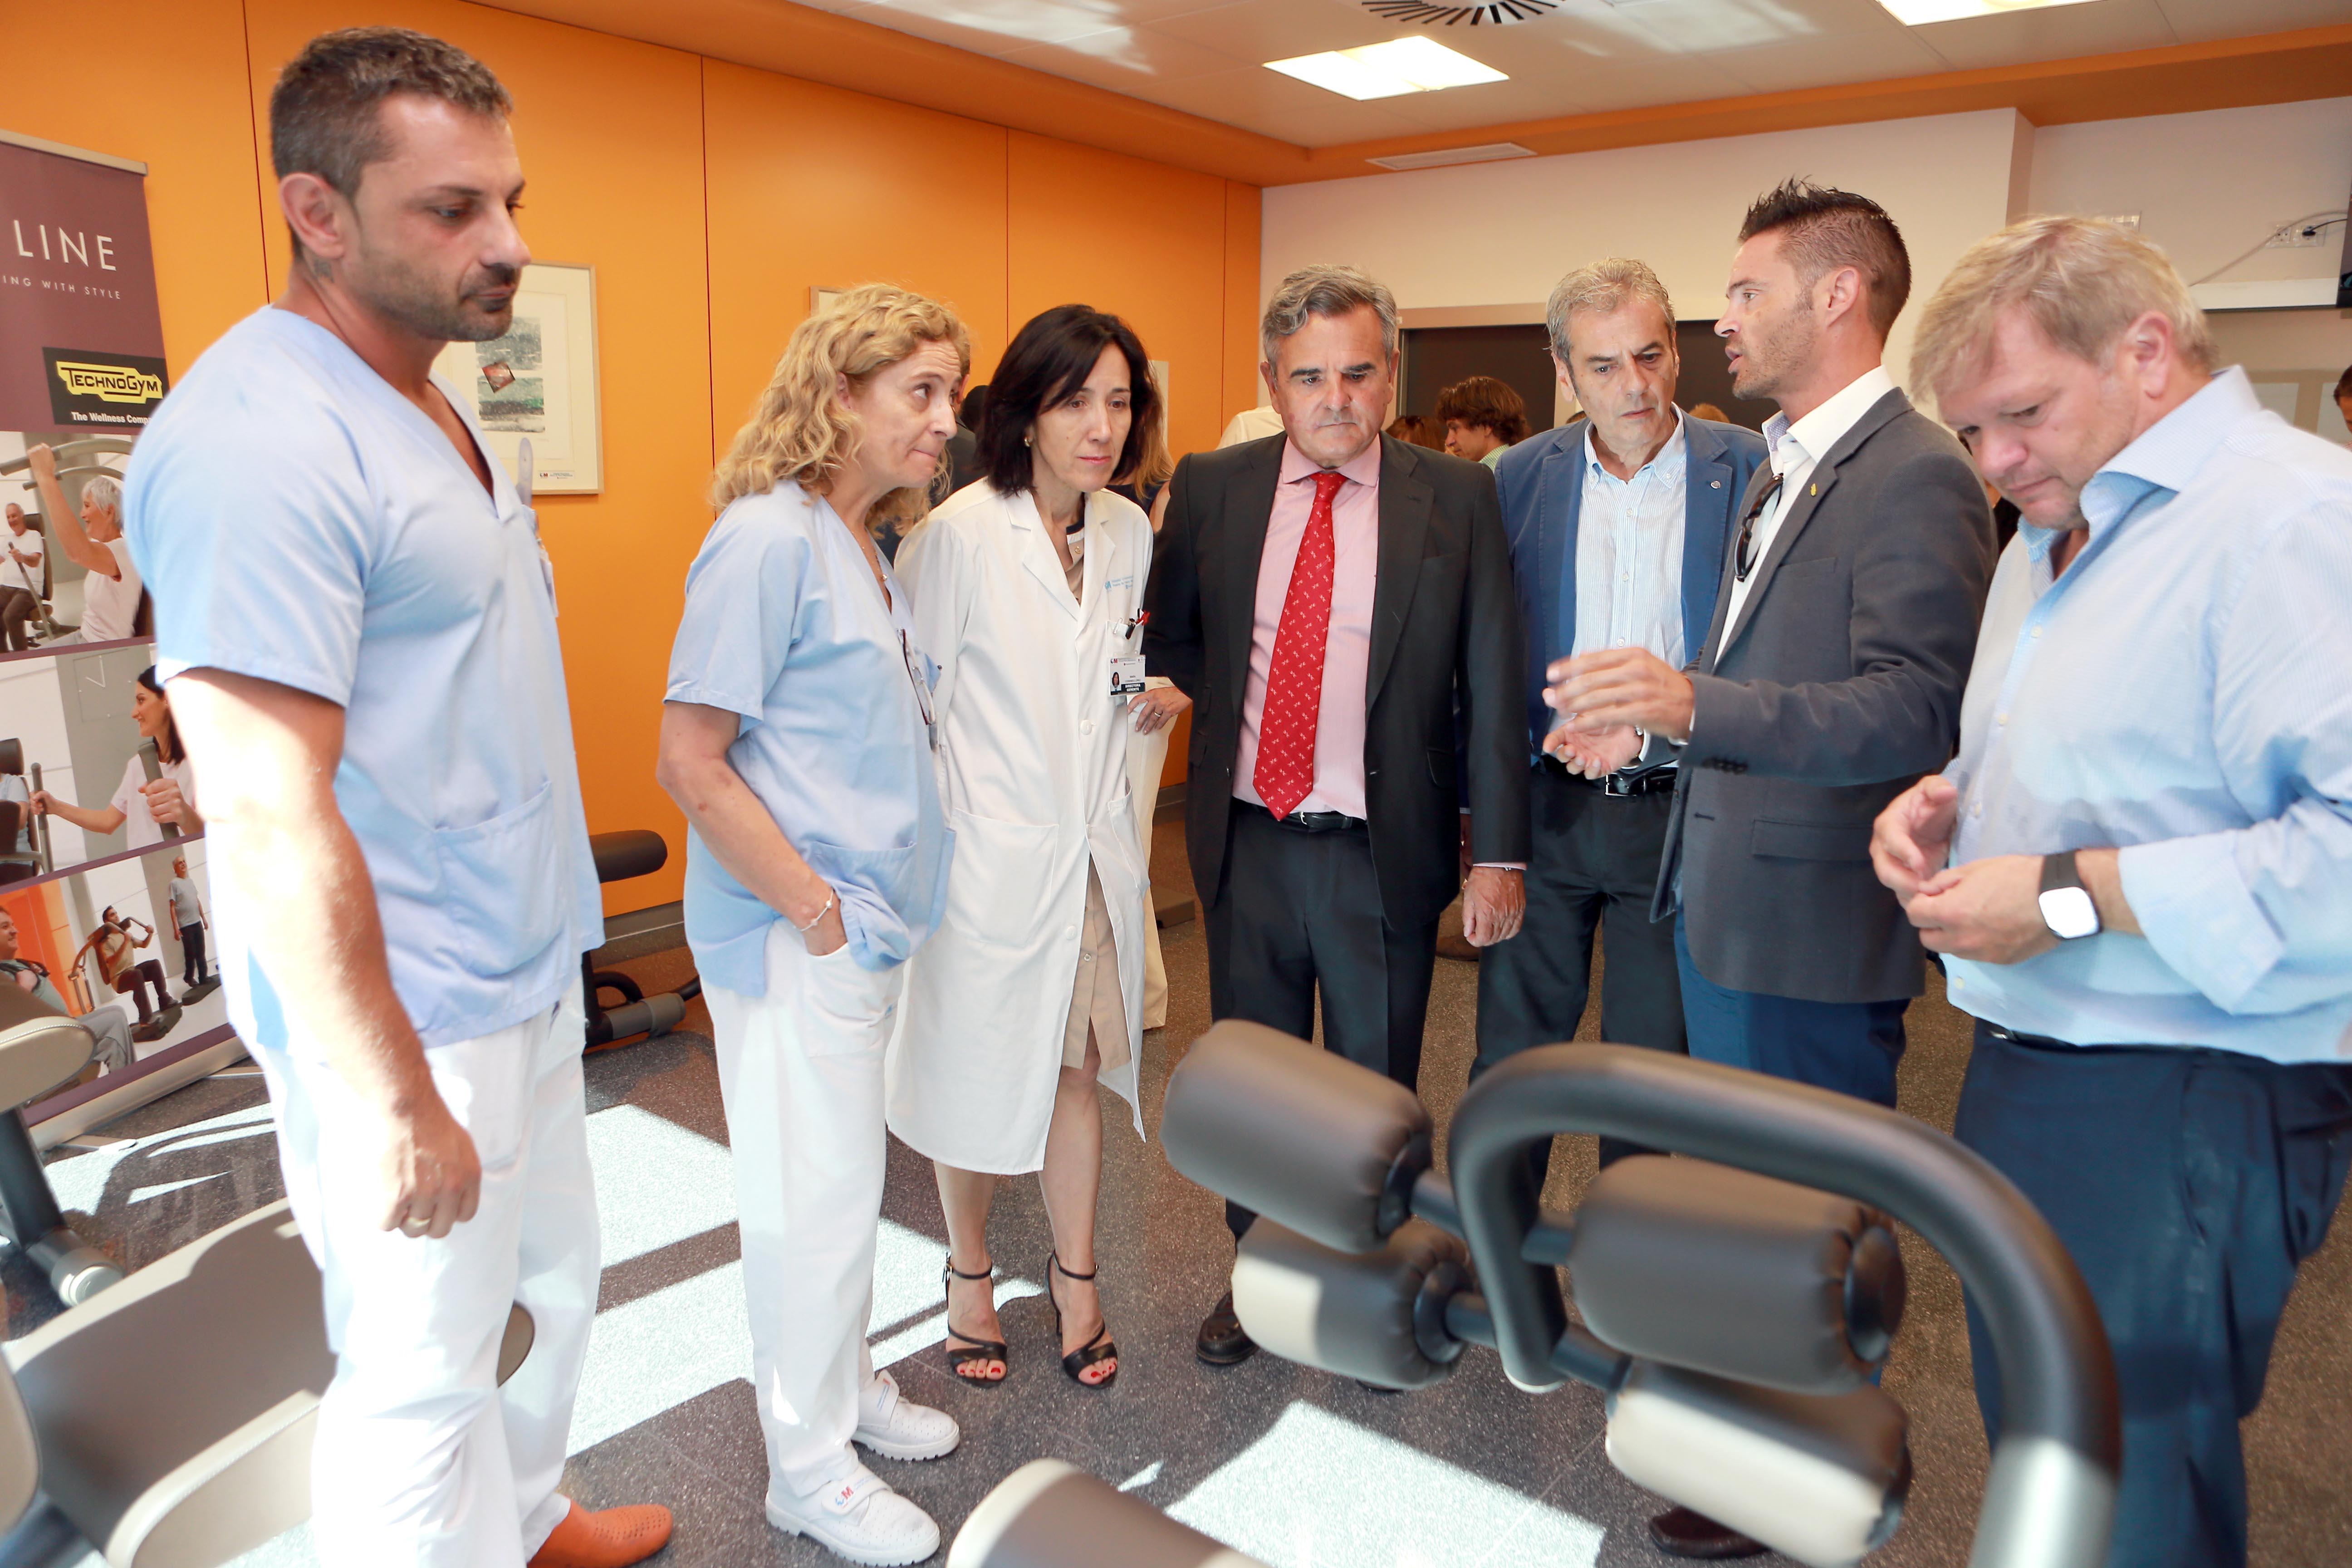 Médicos, sanitarios, alcalde y concejales de PP, Cs y PSOE, en el acto de donación.